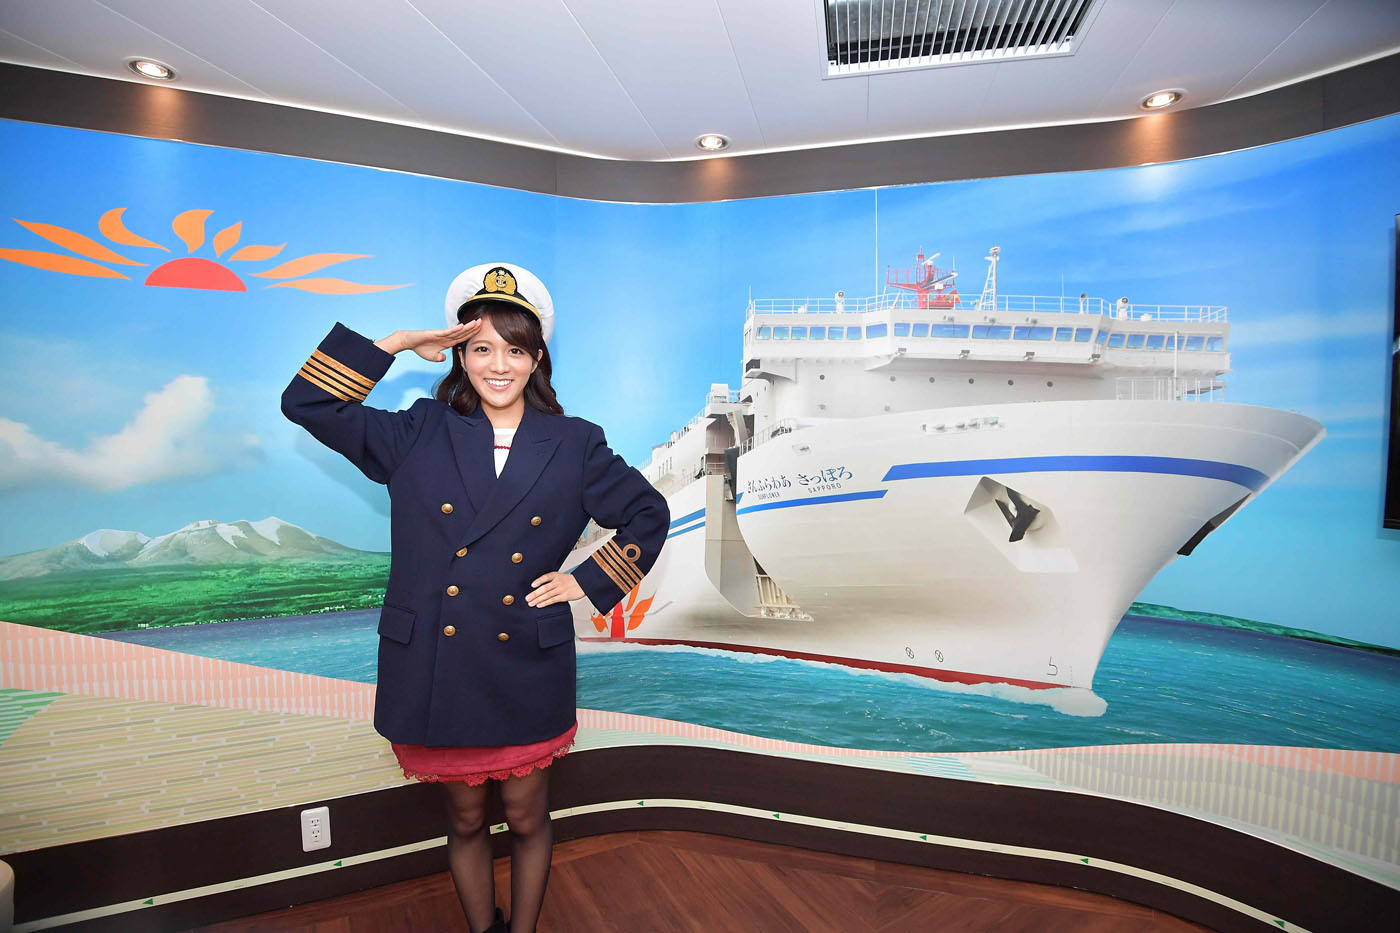 船内は多彩な娯楽施設が充実。船長気分の撮影スポットもその一つ